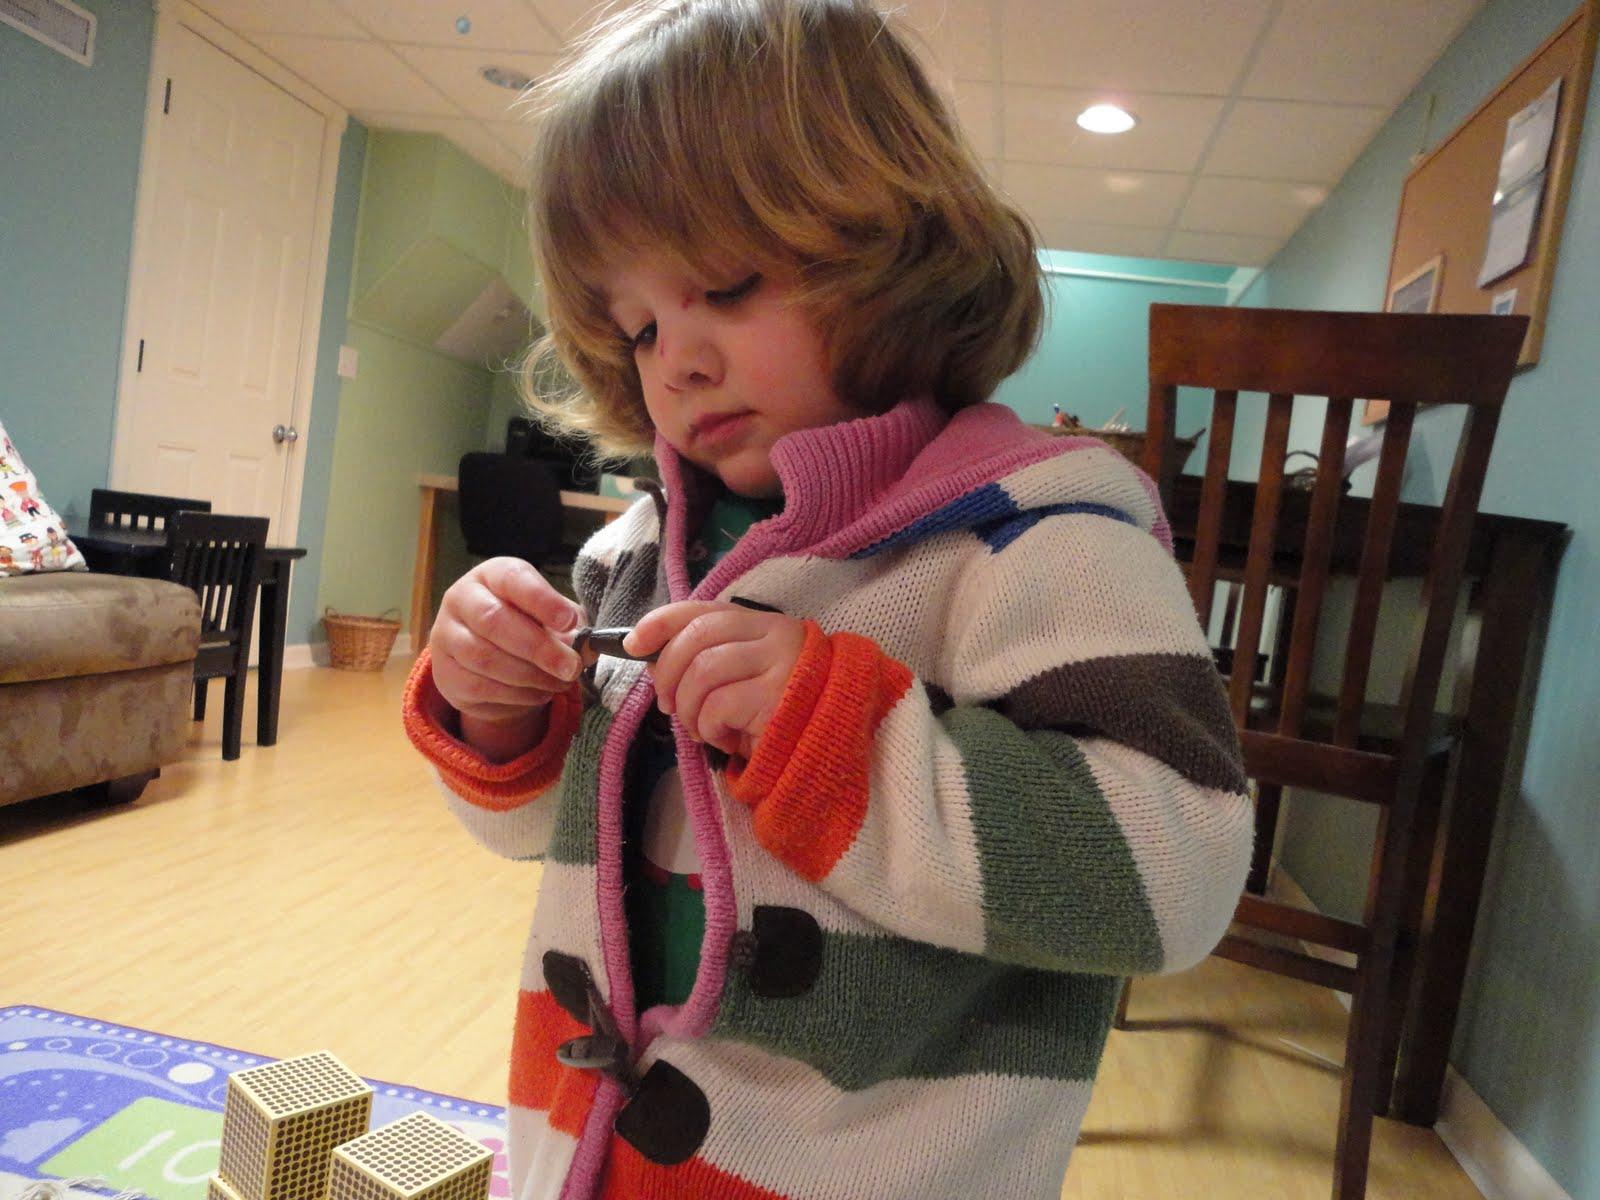 Kinder Garden: Kindergarten / Kindergarten Screening-Self Help